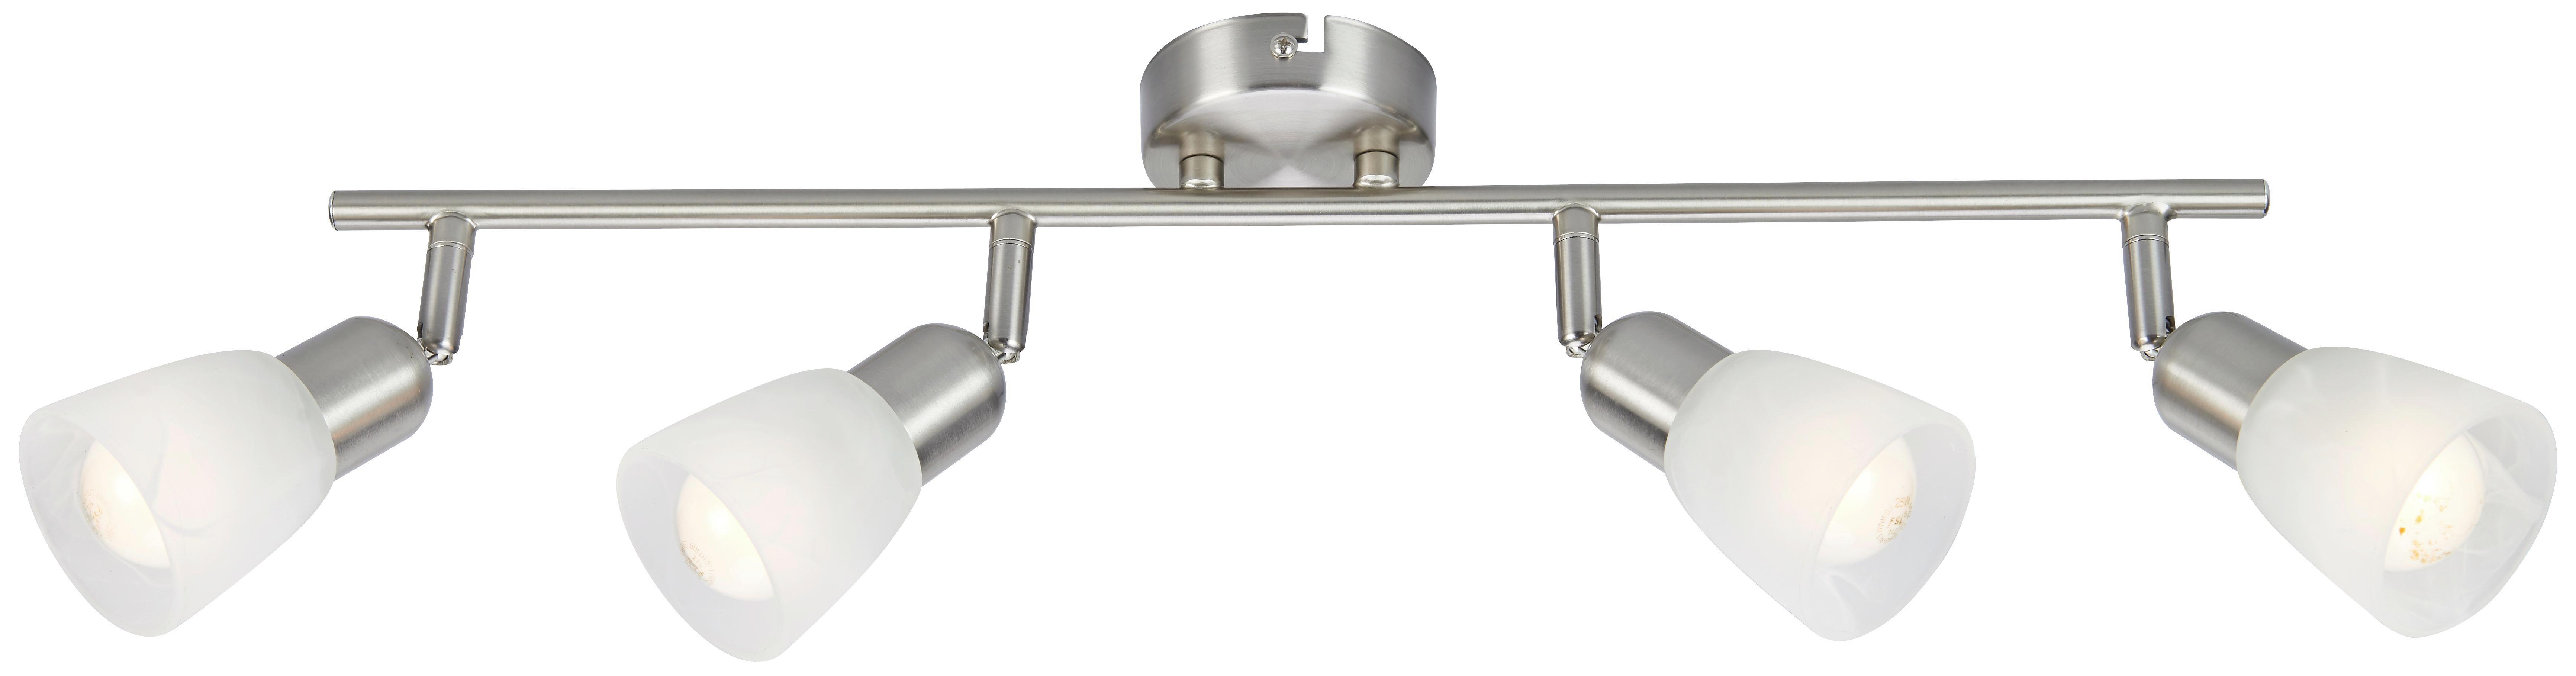 Svítidlo Bodové Ela - barvy niklu, kov/sklo (55/8,5/20cm) - MÖMAX modern living